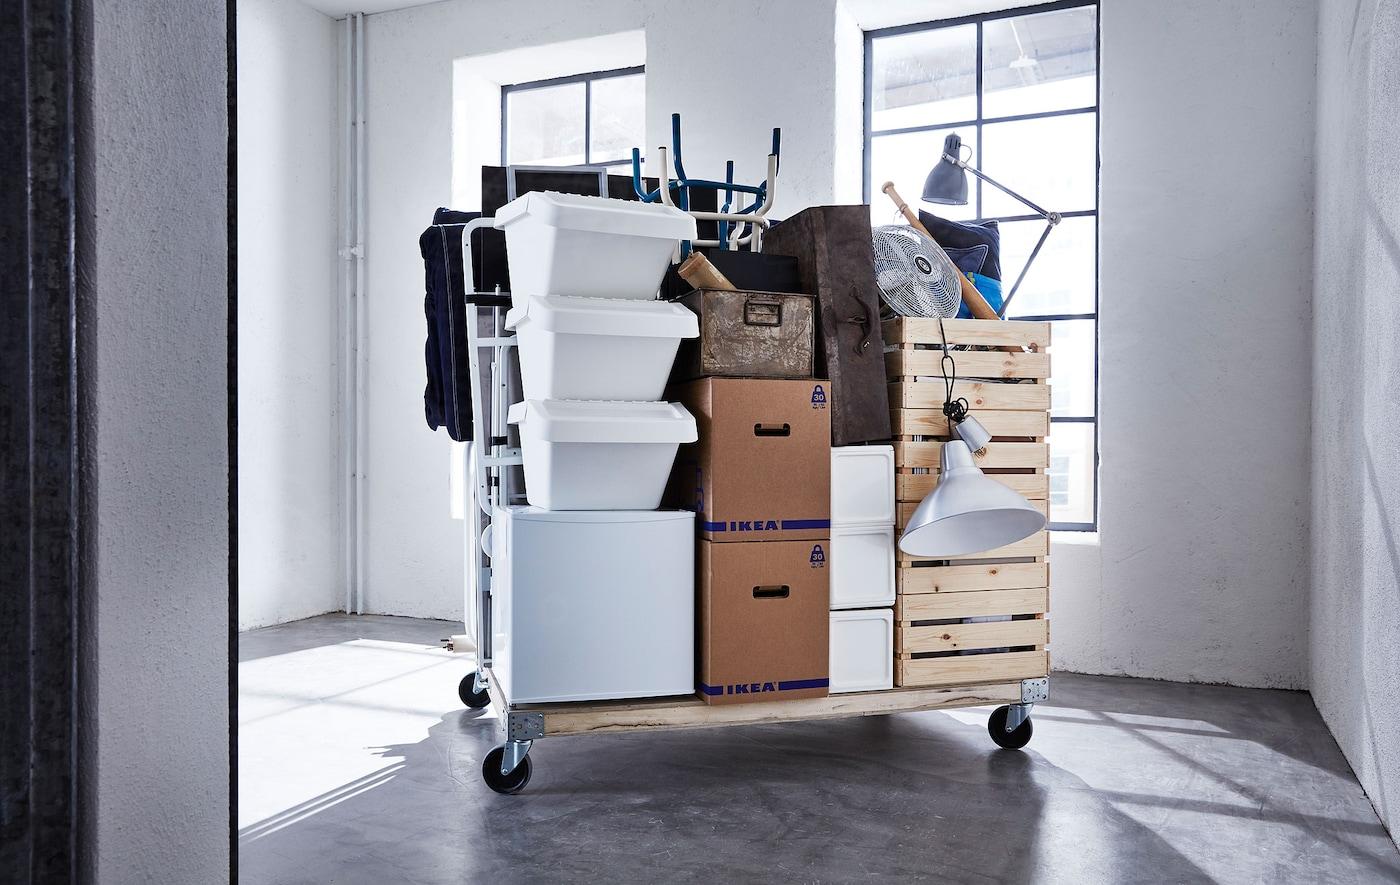 Diverse consumabile pentru mutat și cutii JÄTTENE suprapuse pe un palet din lemn cu roți, într-o cameră goală.